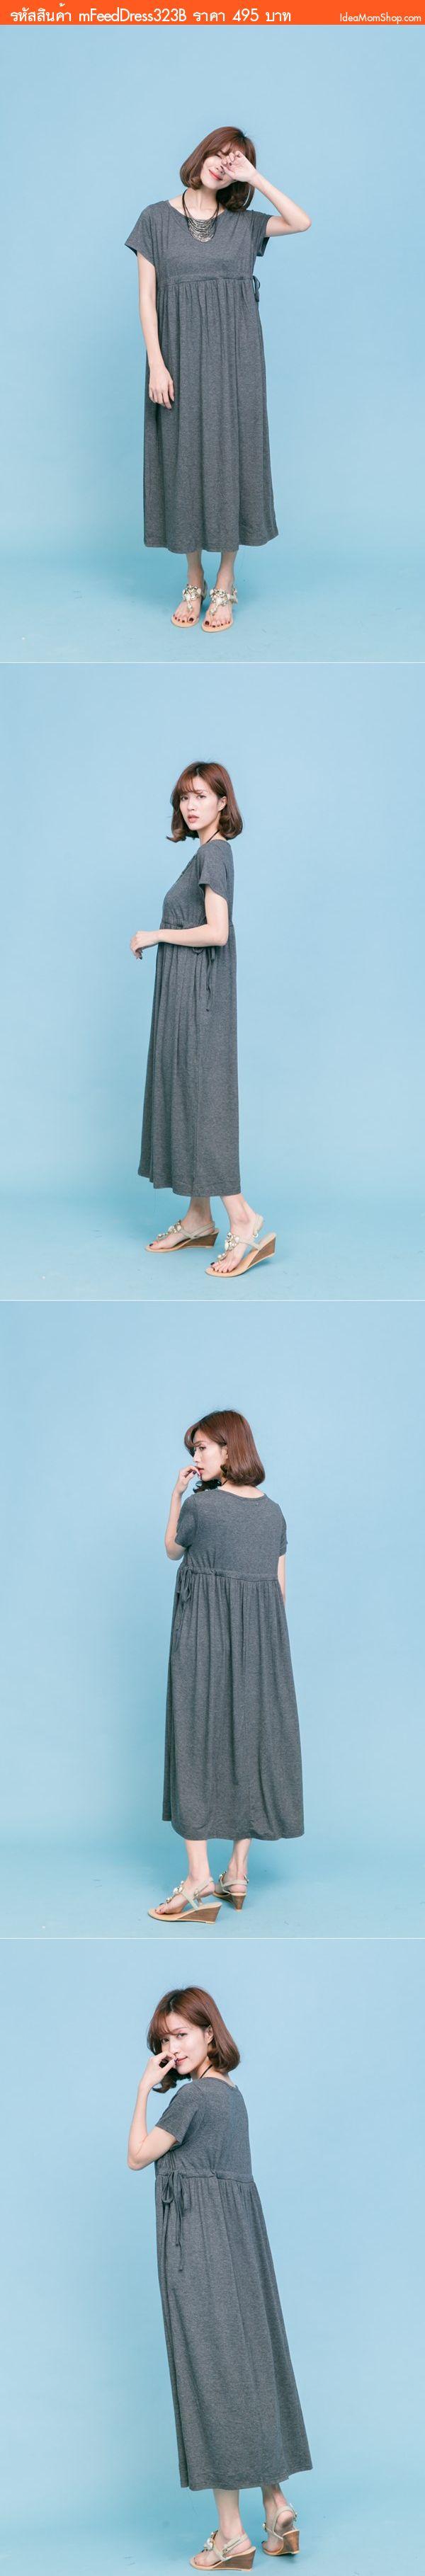 แม็กซี่เดรสคลุมท้องให้นม Korea Fashion สีเทา